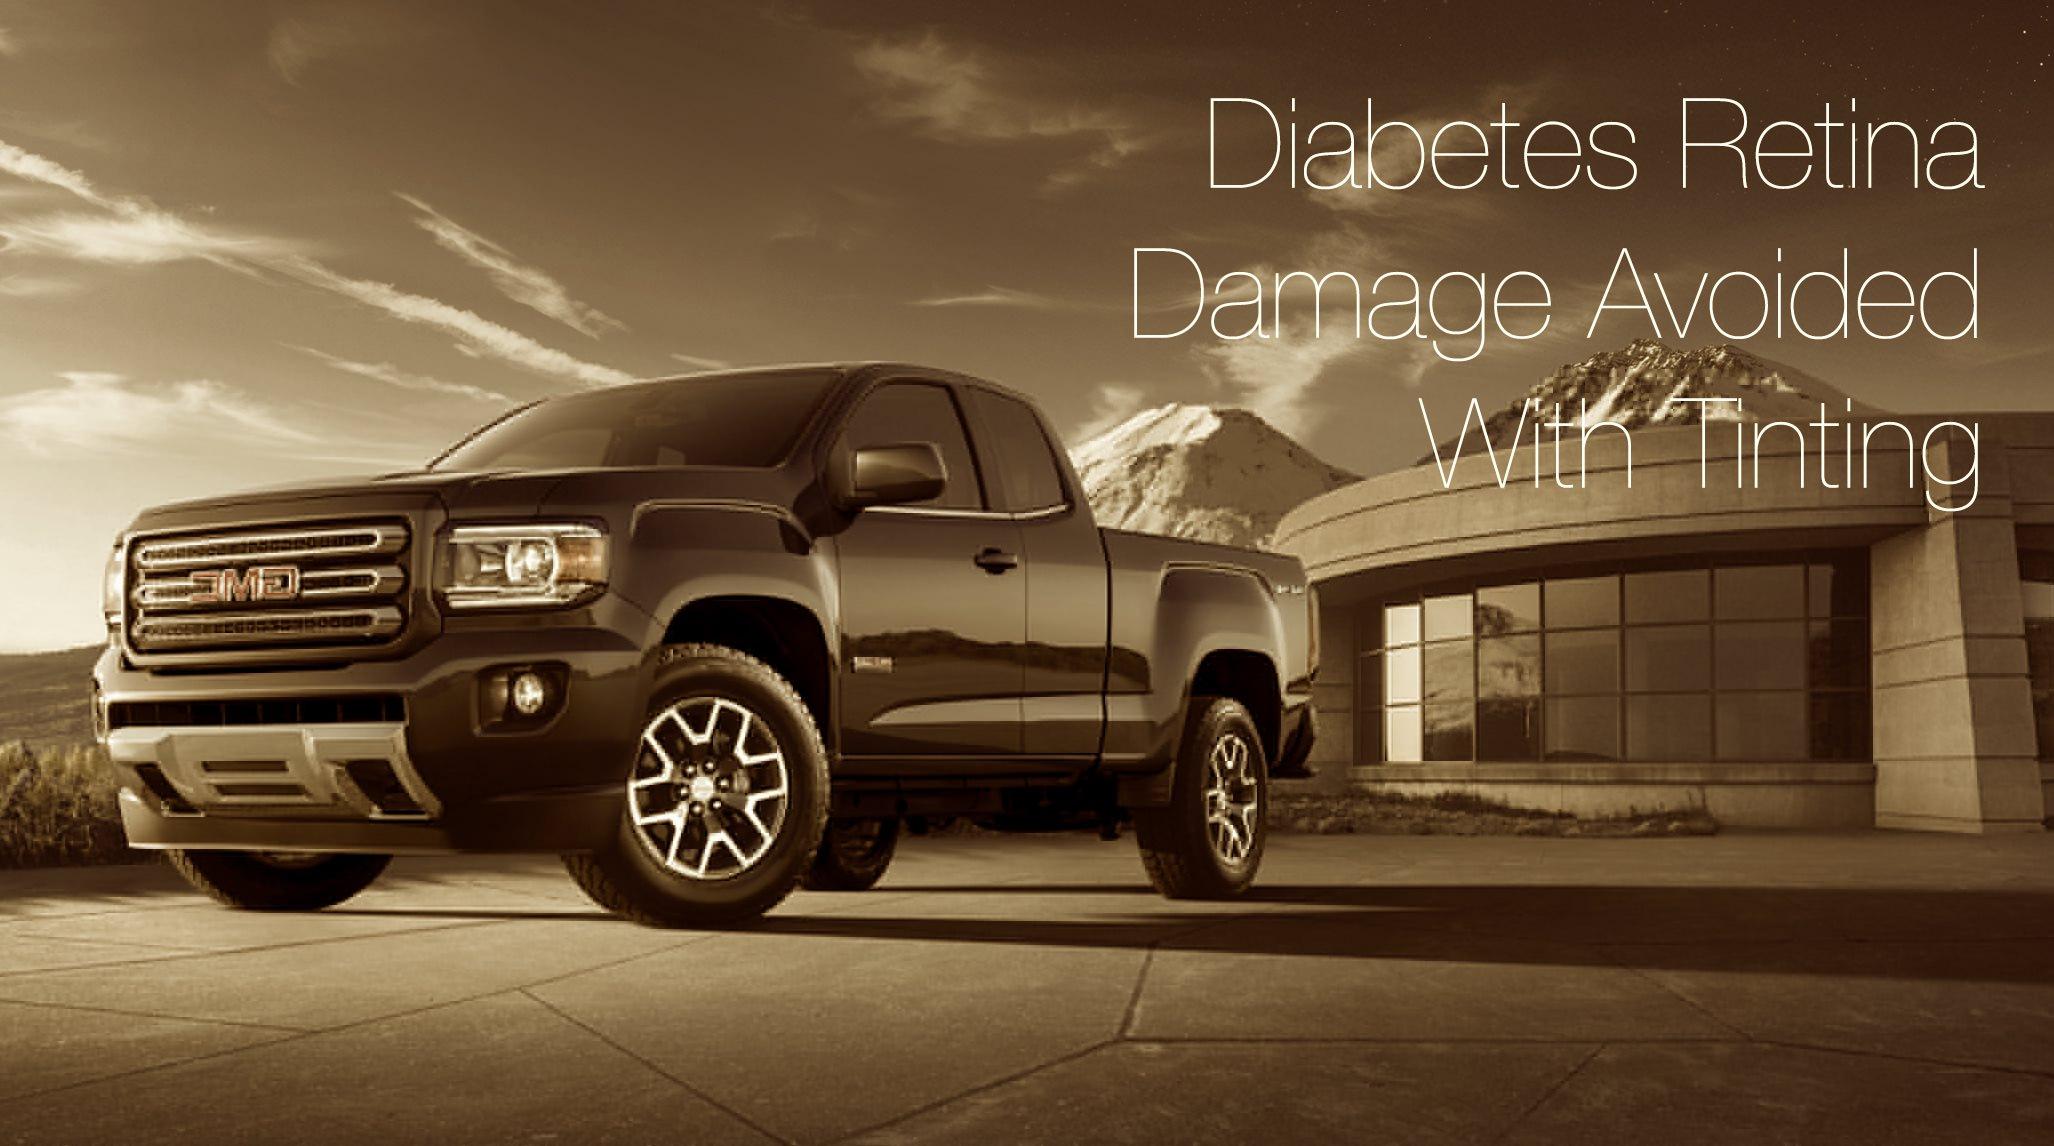 Diabetes Retina Damage: Avoided